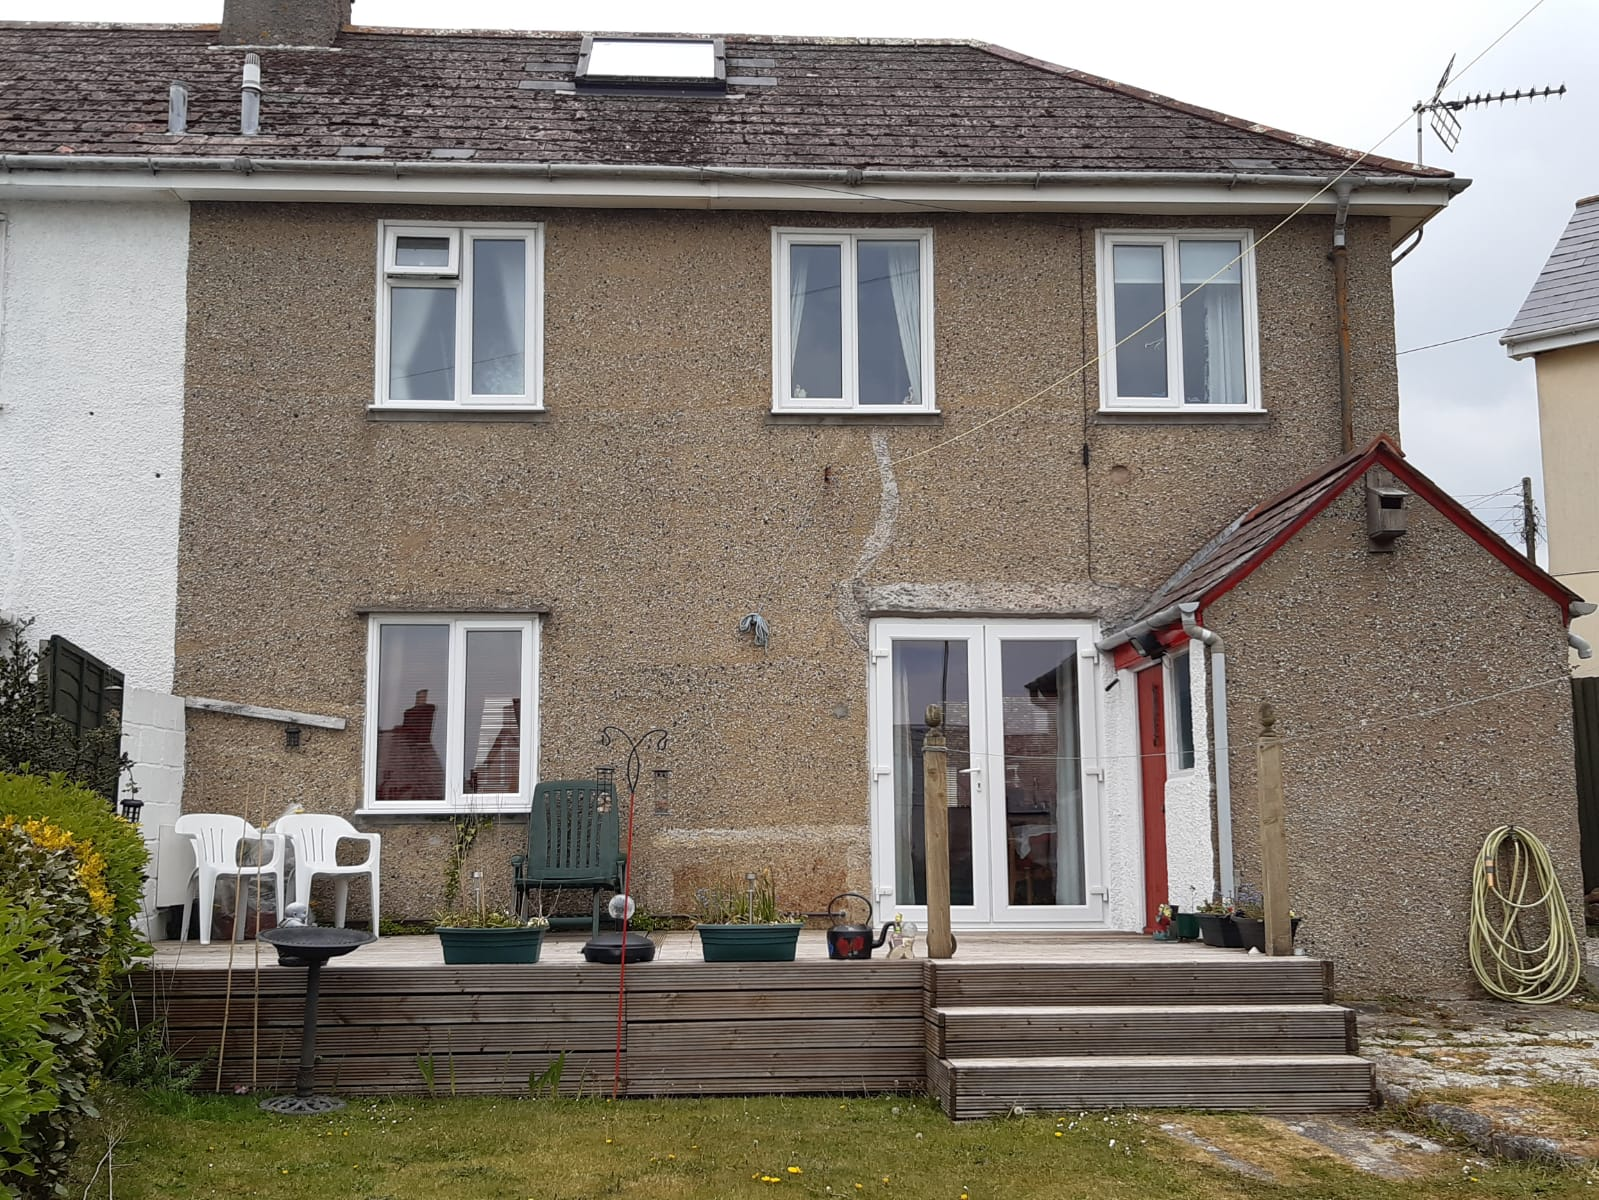 32 Dobell Road, St Austell PL25 4NB